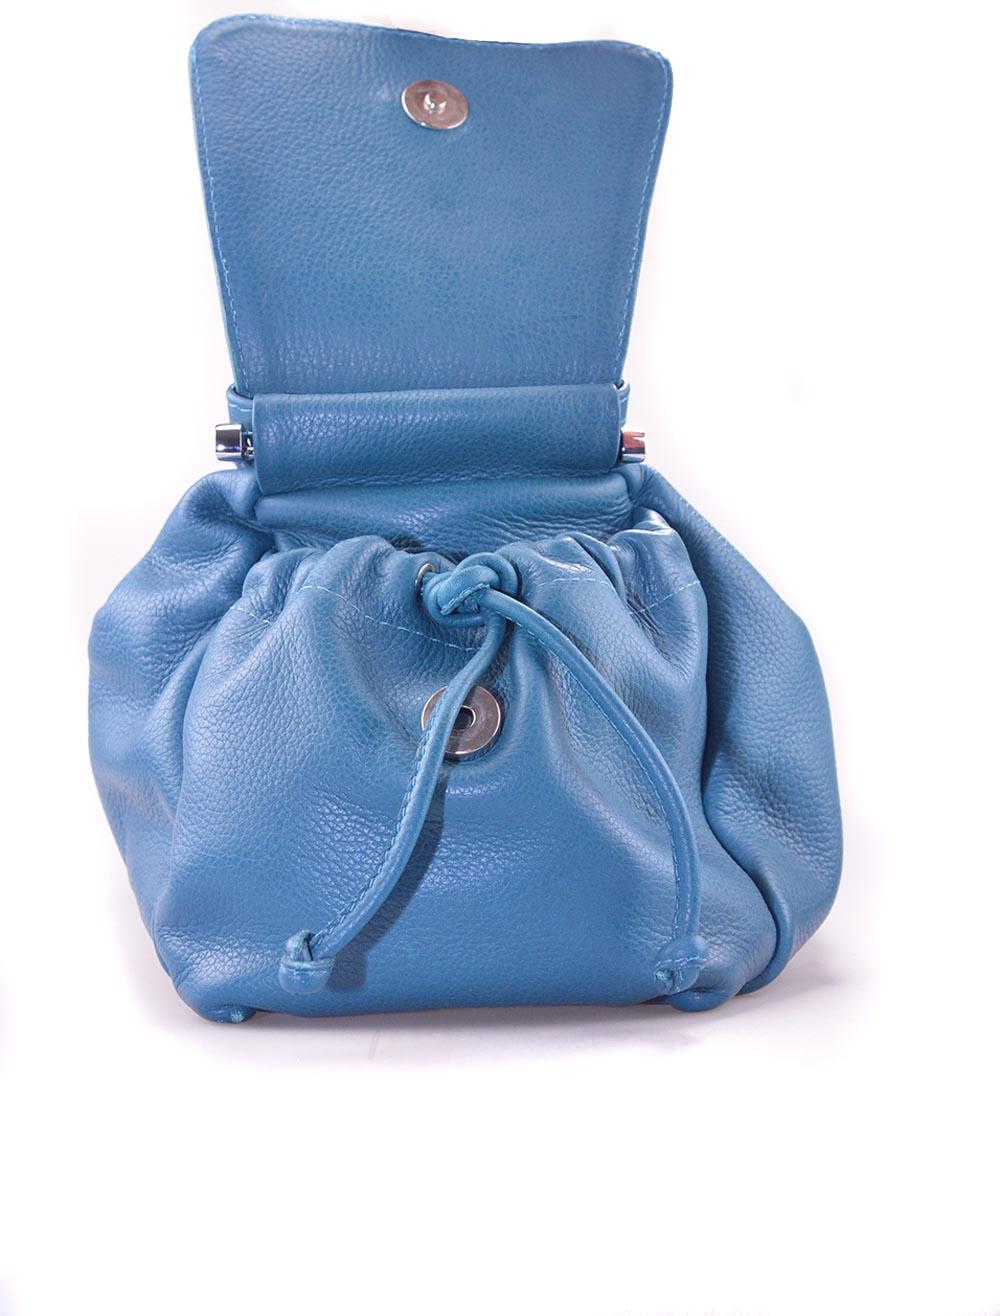 Leren handtas blauw met zakken